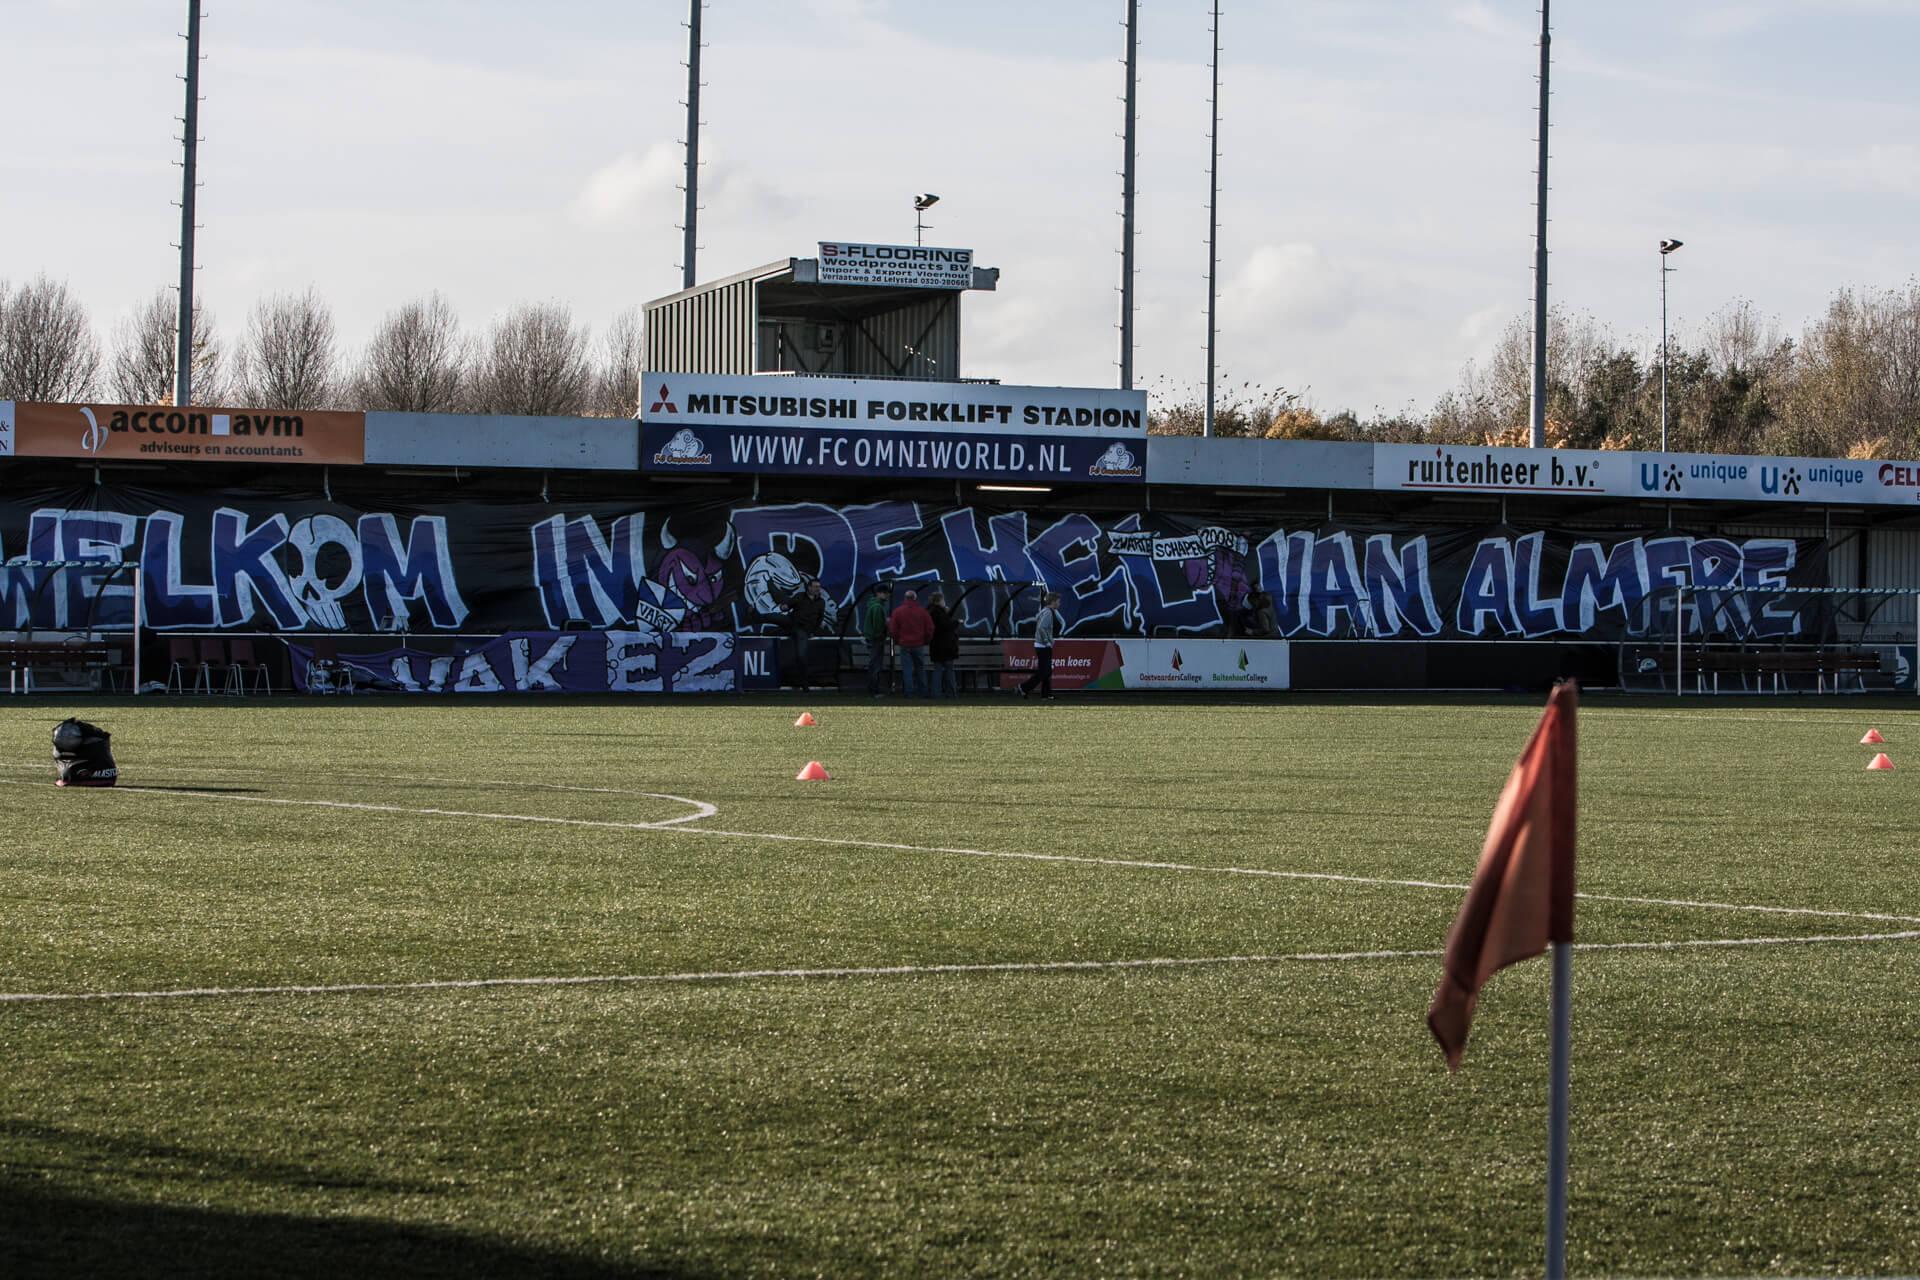 November: Welkom in de hel van Almere!